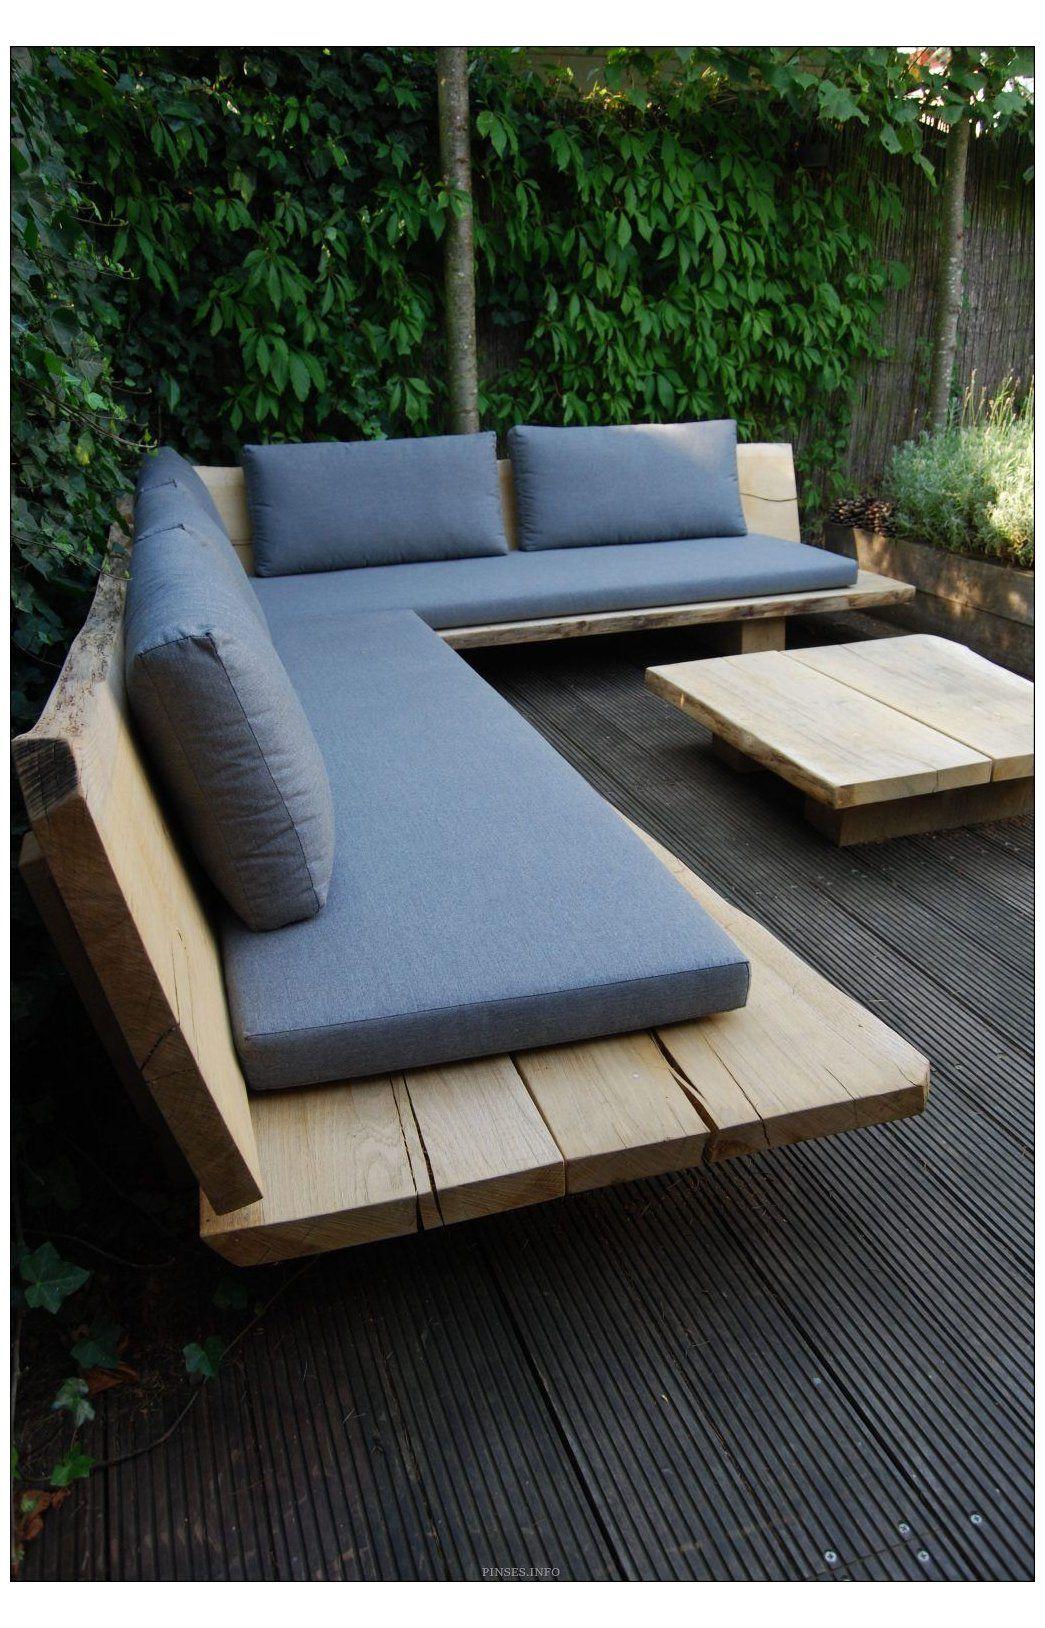 DIY OUTDOOR SOFA #diy #garden #sofa 6 Cool DIY Outdoor Sofa Ideas